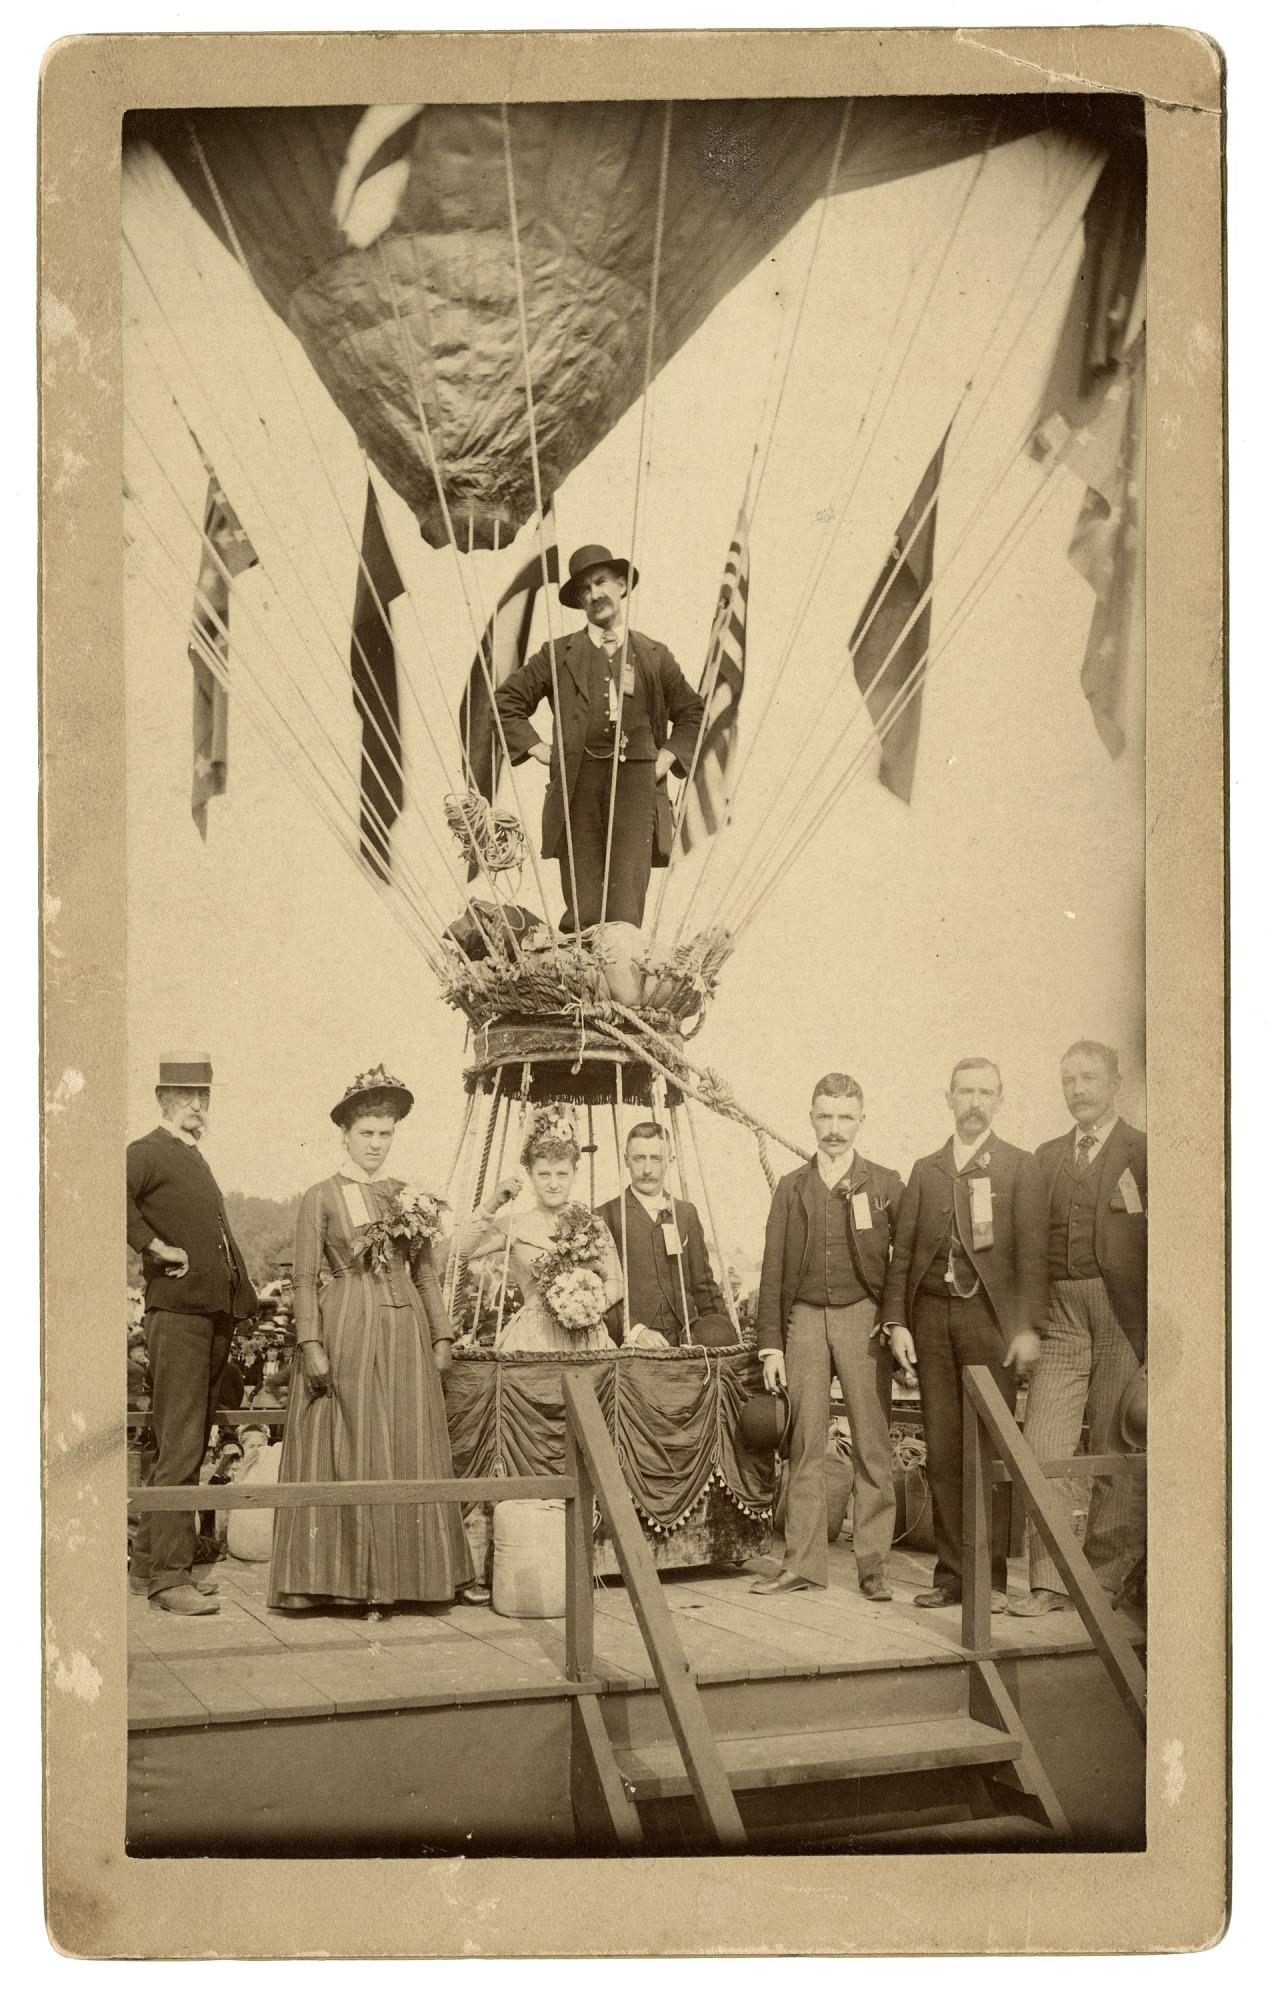 images for LTA, Balloons, USA, Allen (James), Balloon Wedding (1888) (Krainik Coll). photograph